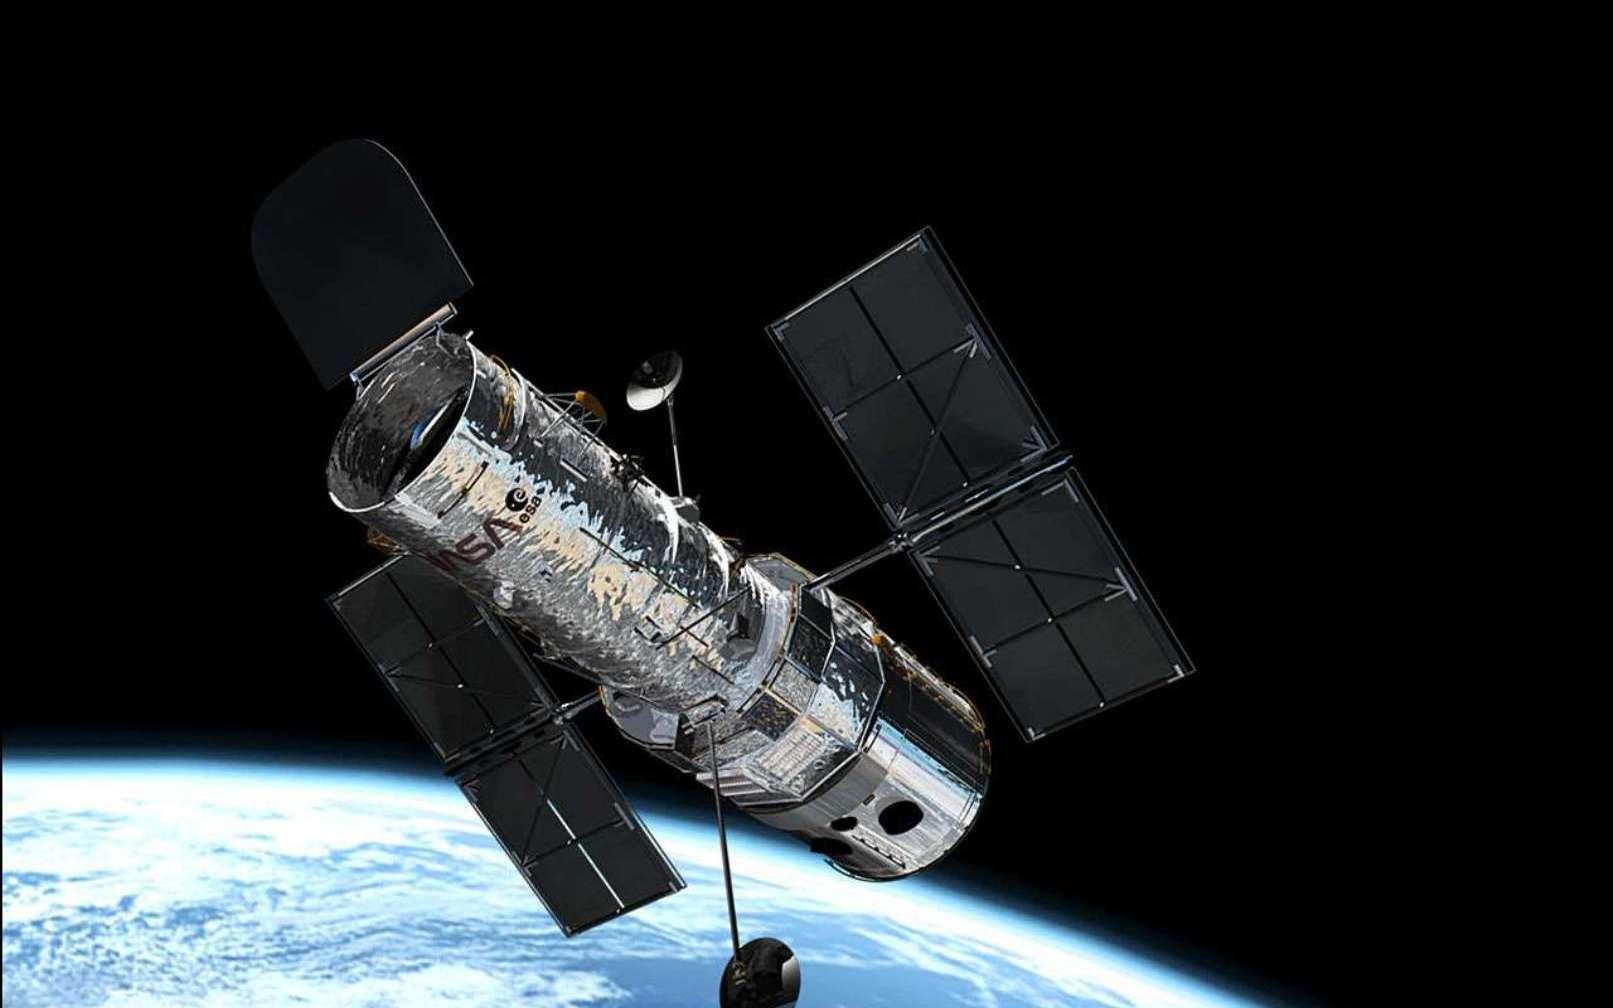 Les observations du télescope spatial Hubble ont permis à des astronomes d'identifier l'emplacement de cinq sursauts radio rapides. © ESA